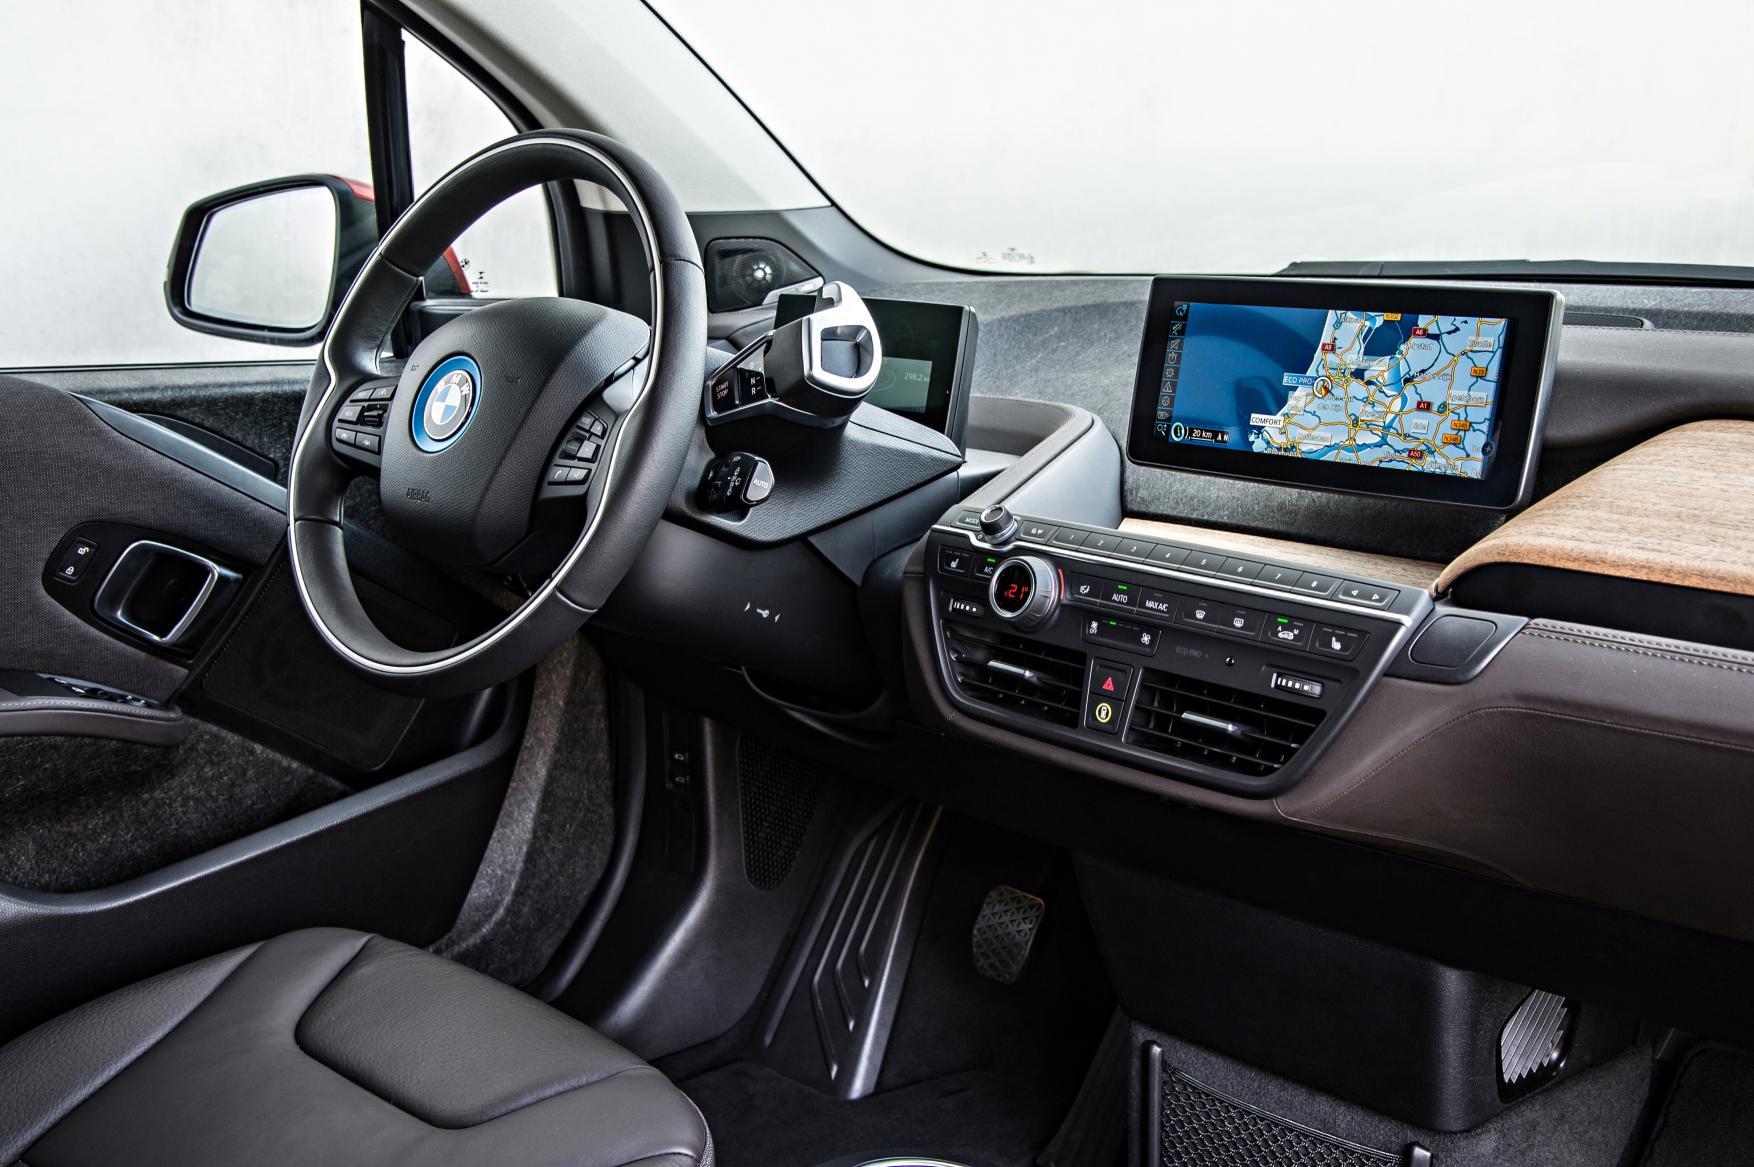 Bmw Concept Car Wallpaper 2015 Bmw I3 Review Autoevolution